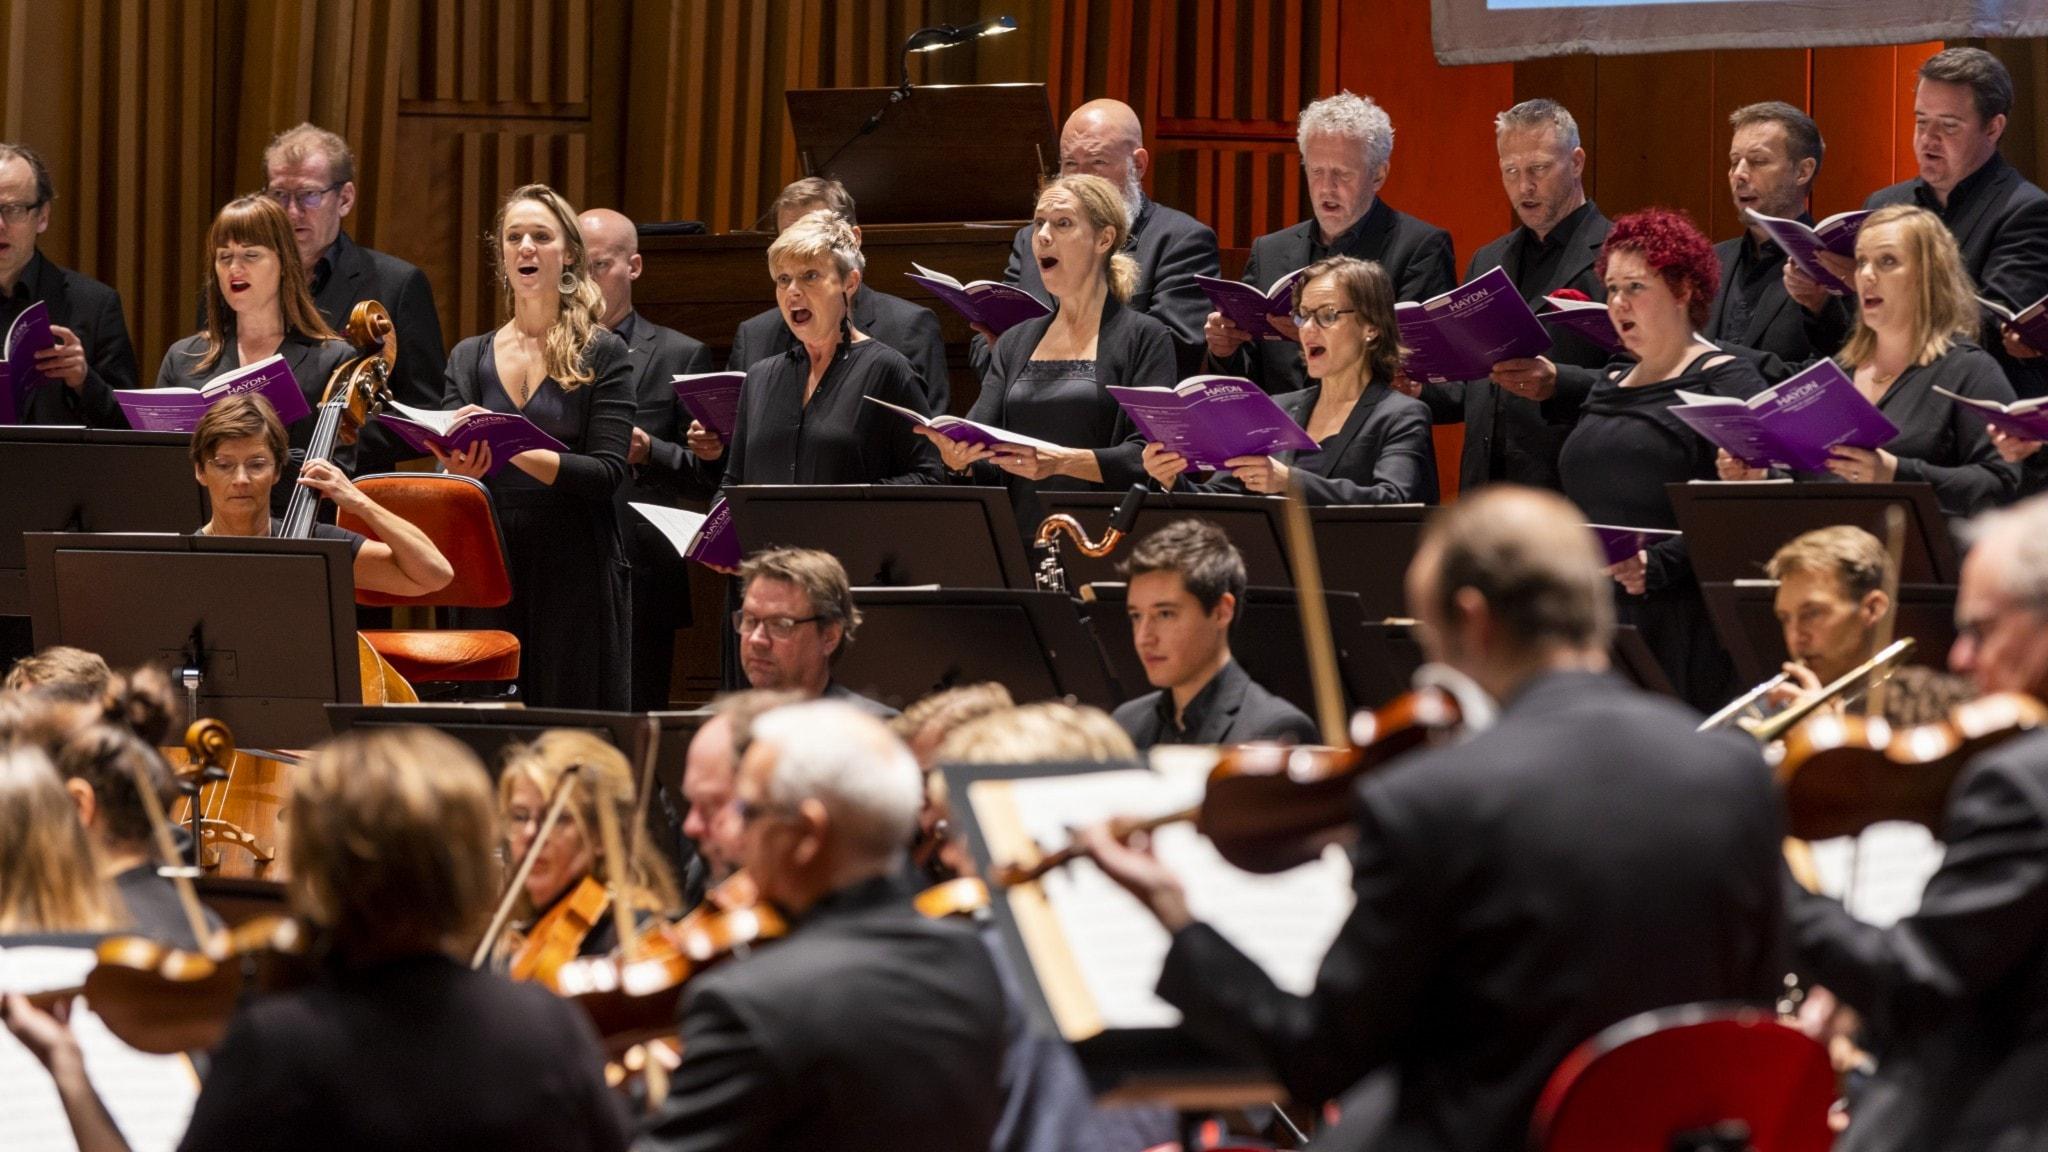 DIREKT: Lyssnarnas önskekonsert från Berwaldhallen